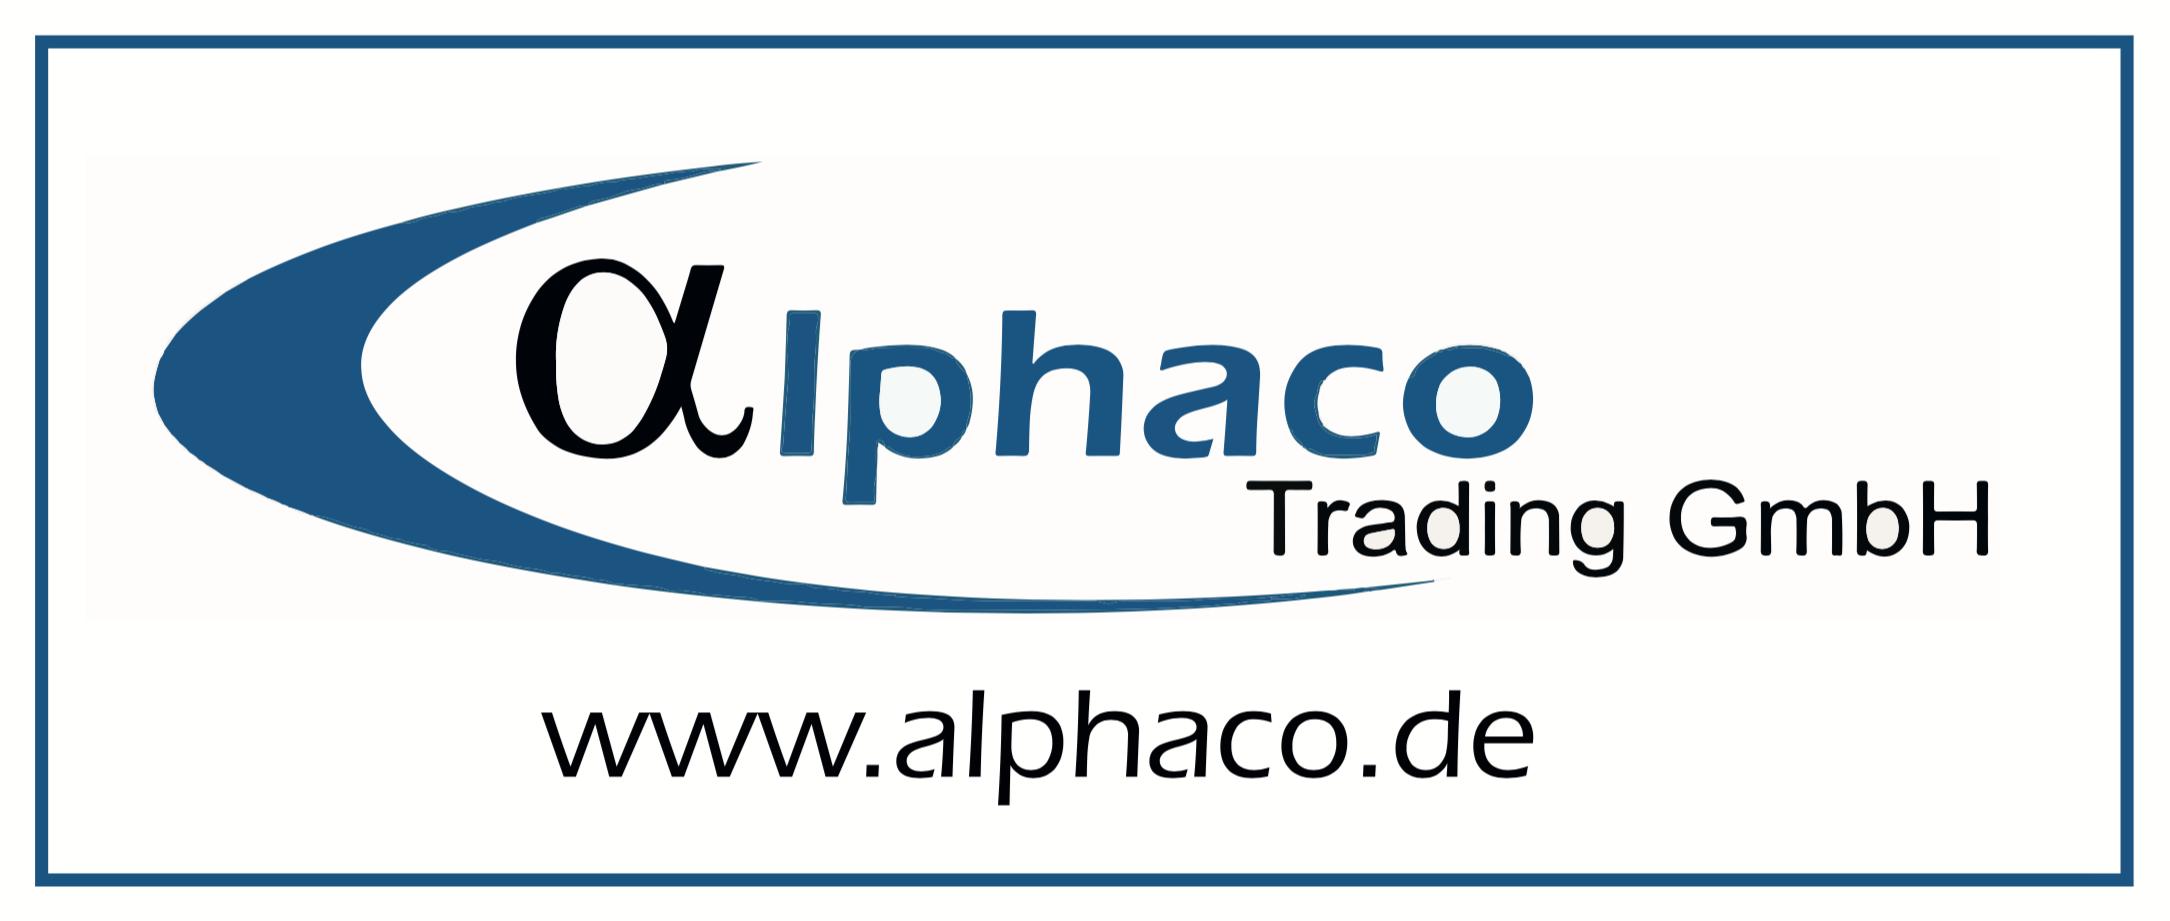 alphaco